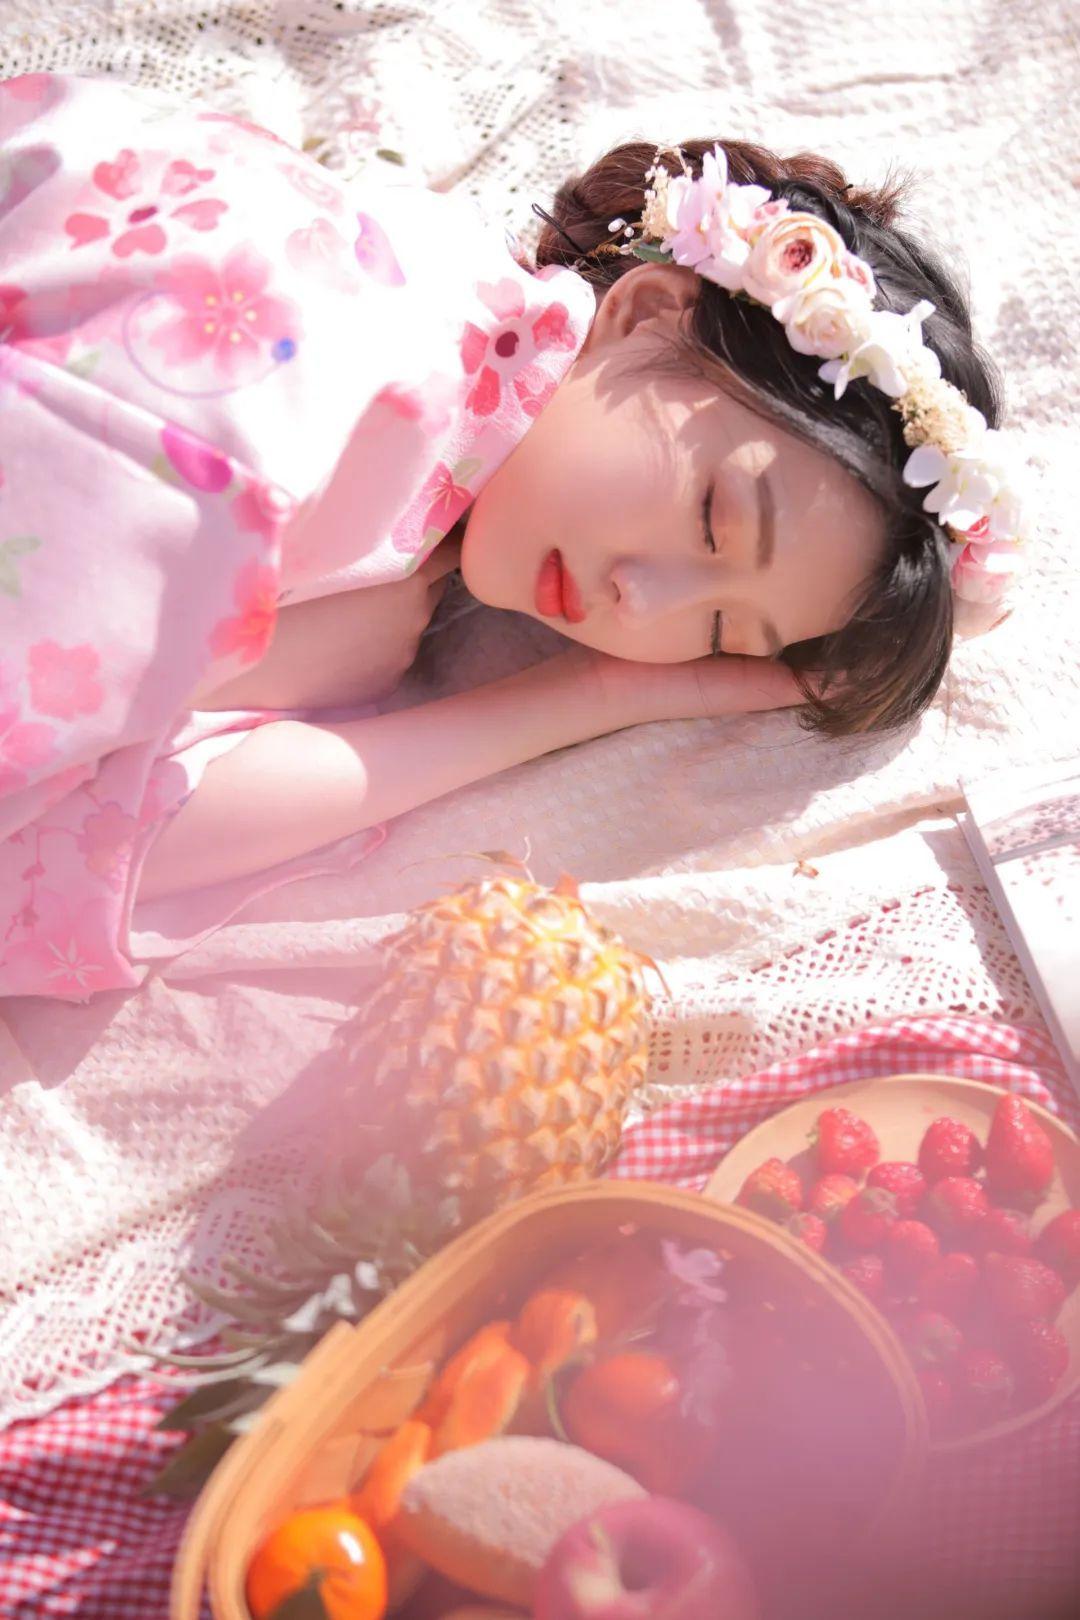 妹子摄影 – 粉粉的日系少女樱花树下写真_图片 No.23